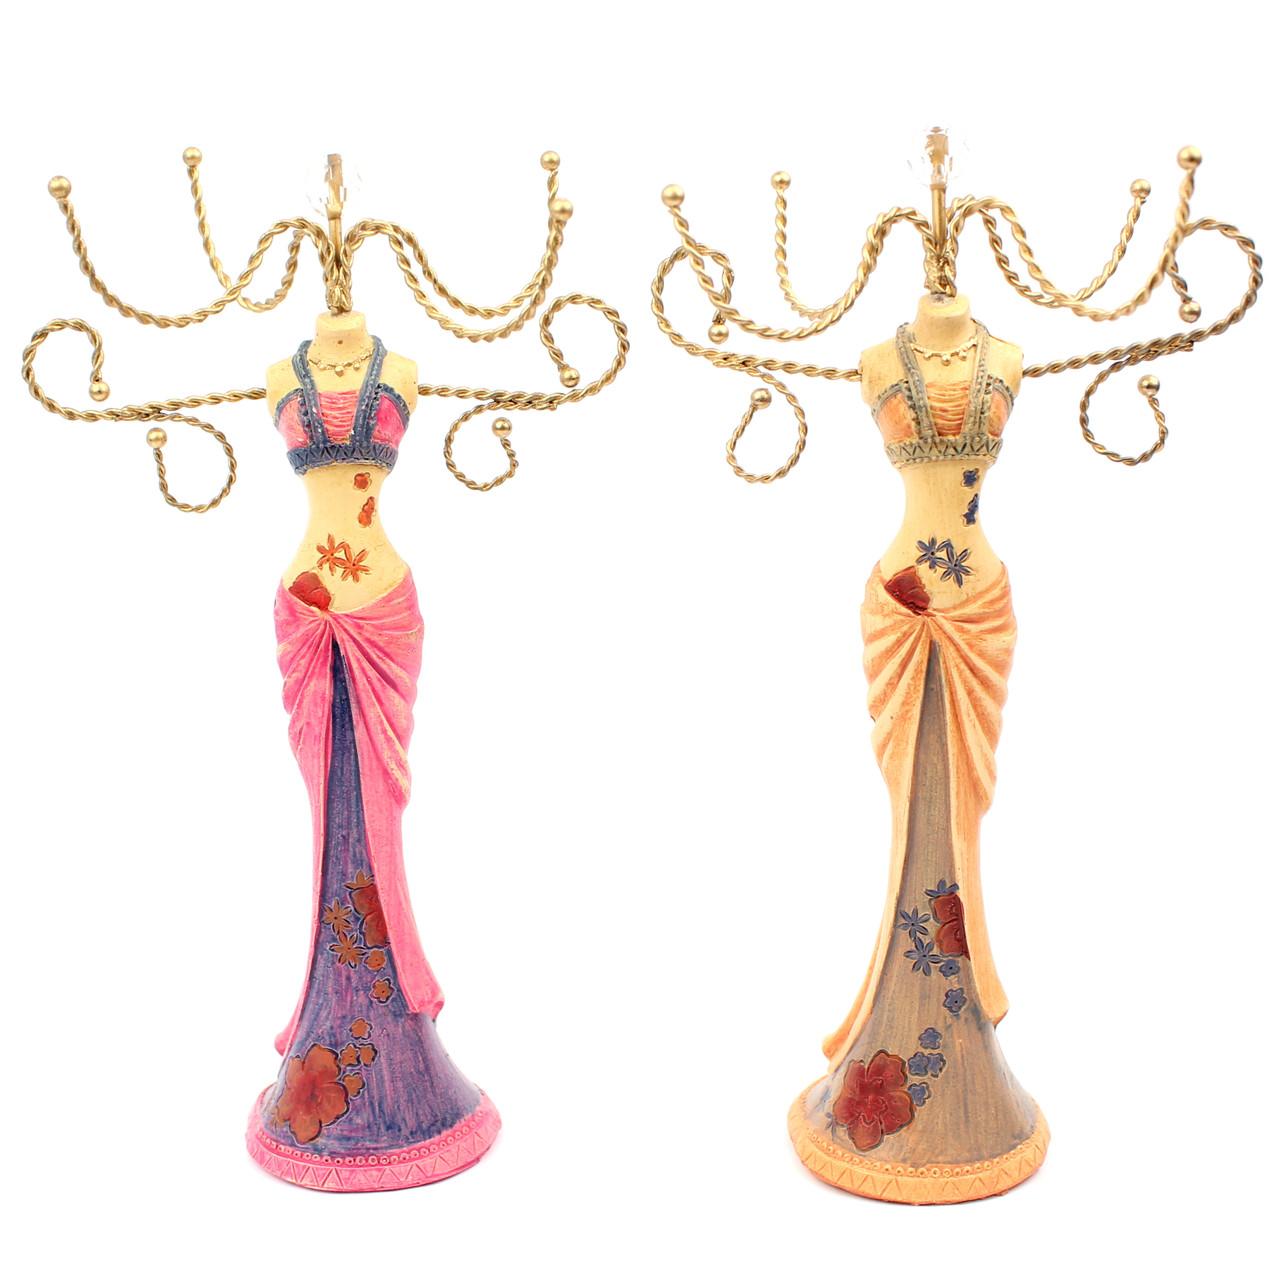 Подставка манекен под бижутерию и украшения в восточном стиле, фото 1